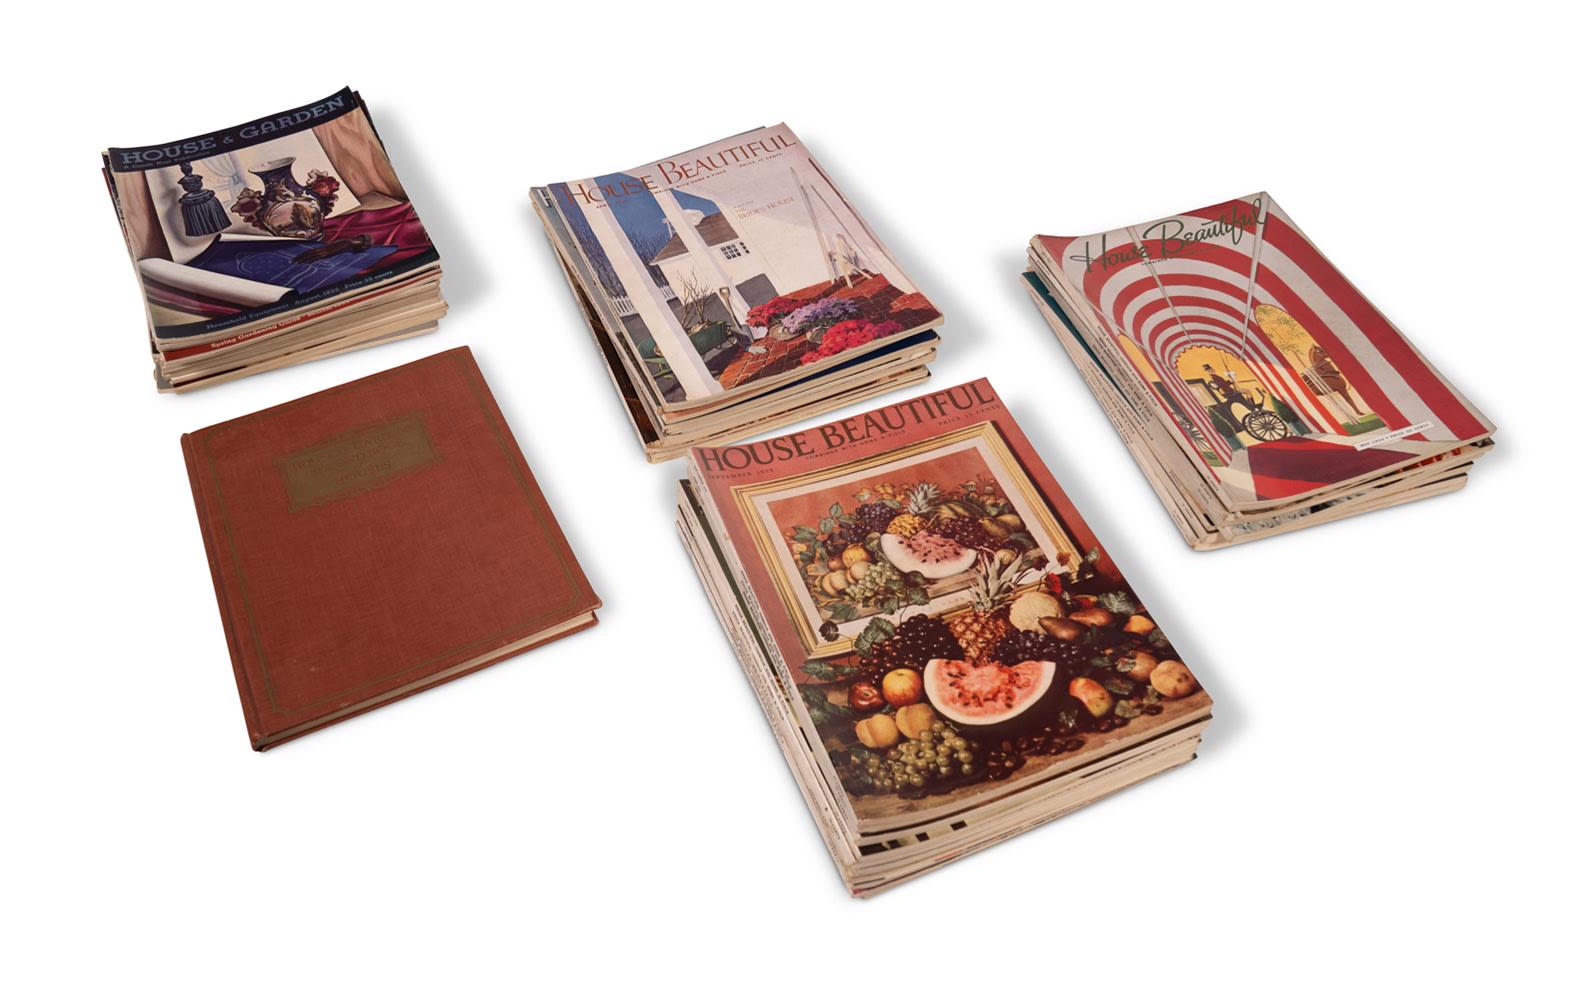 Prod/O21E - Phil Hill C 2021/C0022_House Beautiful Magazines, c. 1930s/C0022_1930s_House_Beautiful_Magazines_2_uvx7gm